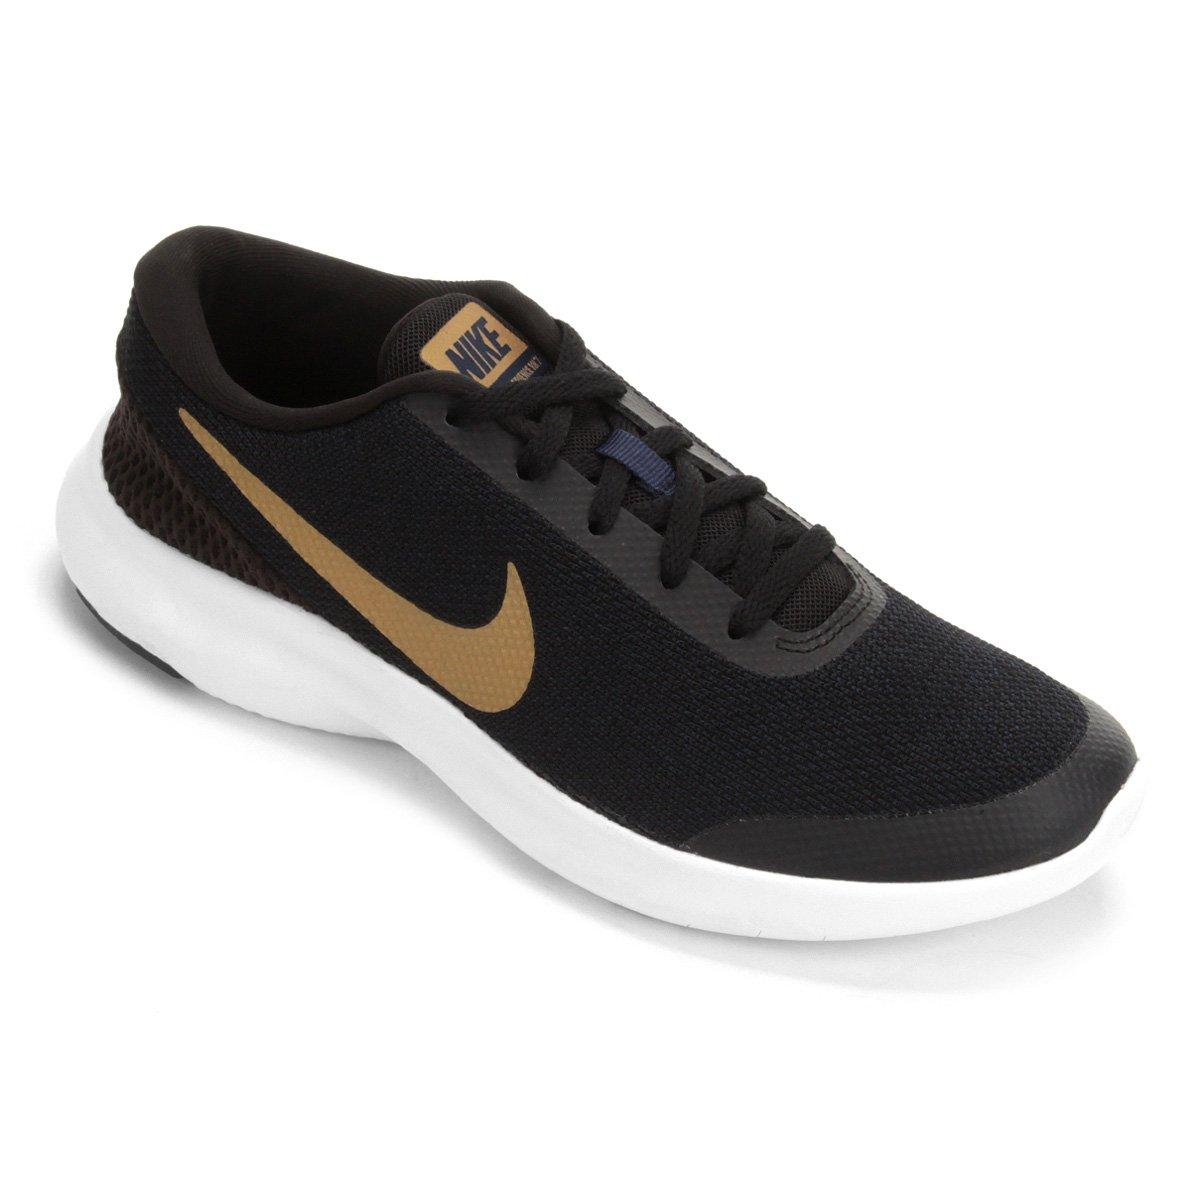 b194fb5bc0f Tênis Nike Flex Experience RN 7 Feminino - Preto e Dourado - Compre Agora